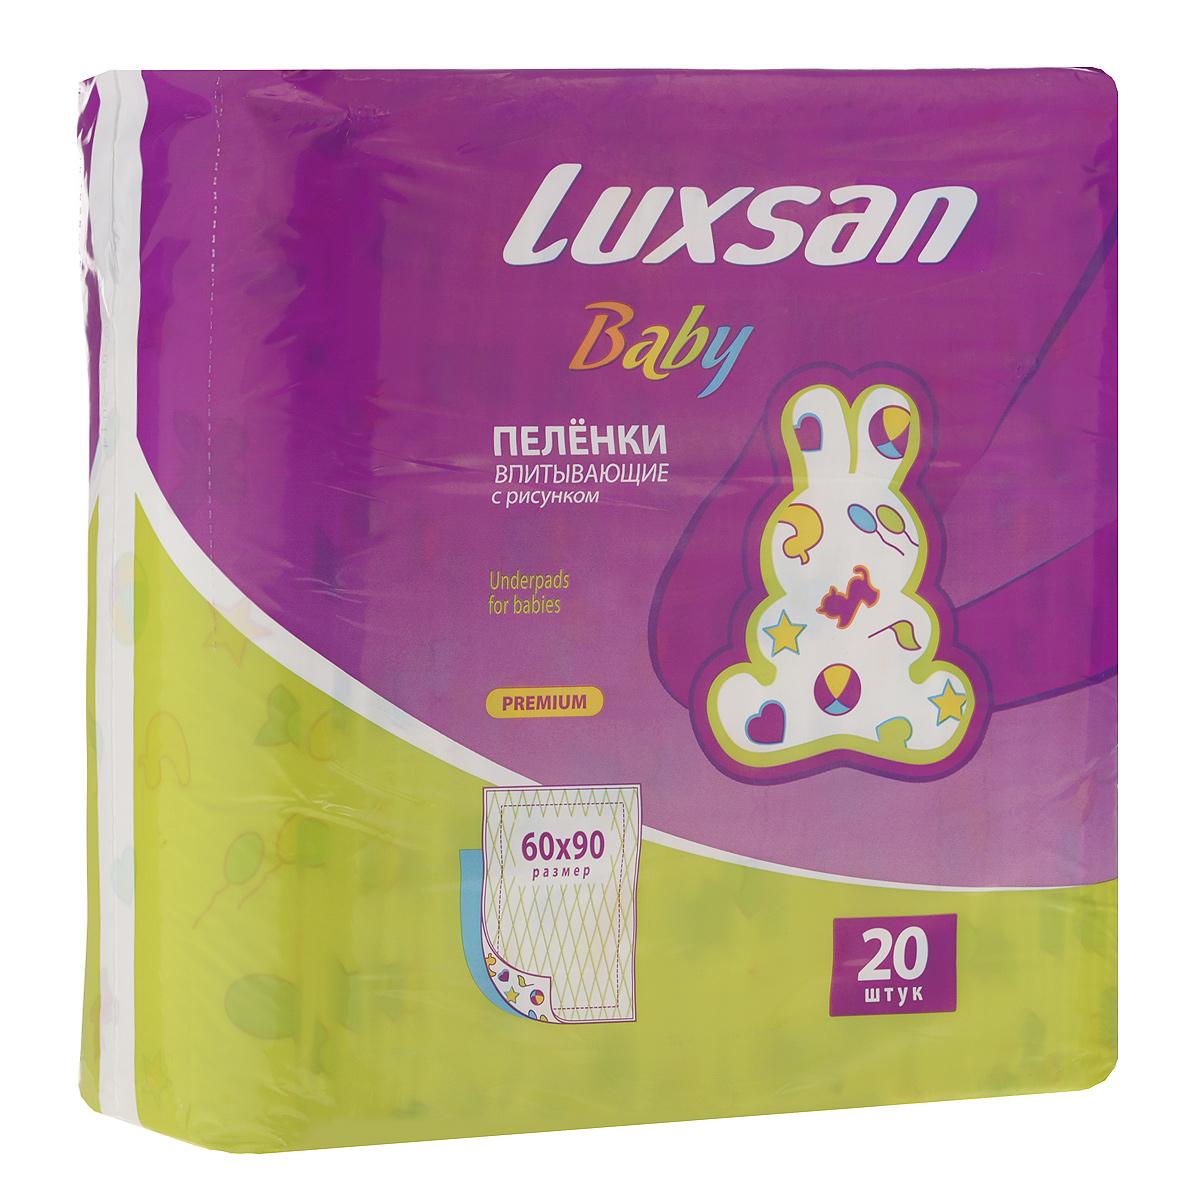 """Luxsan Baby Пеленки впитывающие """"Premium"""", 60 см х 90 см, с рисунком, 20 шт"""